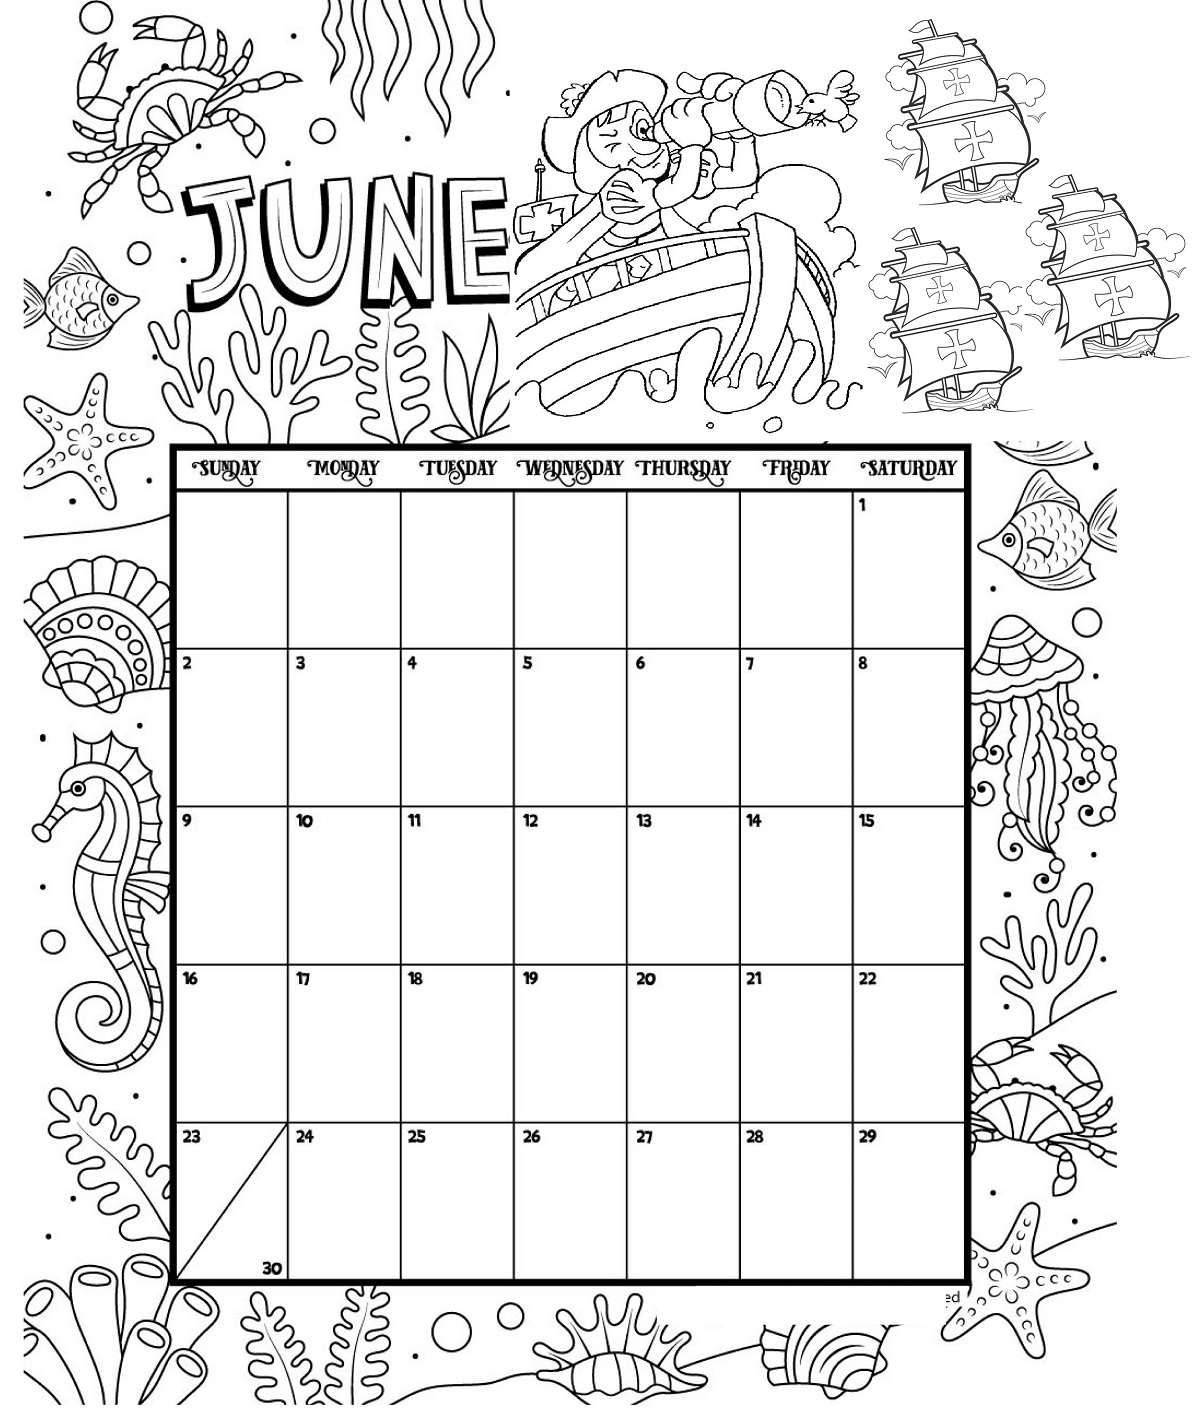 June Printable Coloring Calendar 2019 Calendar 2019